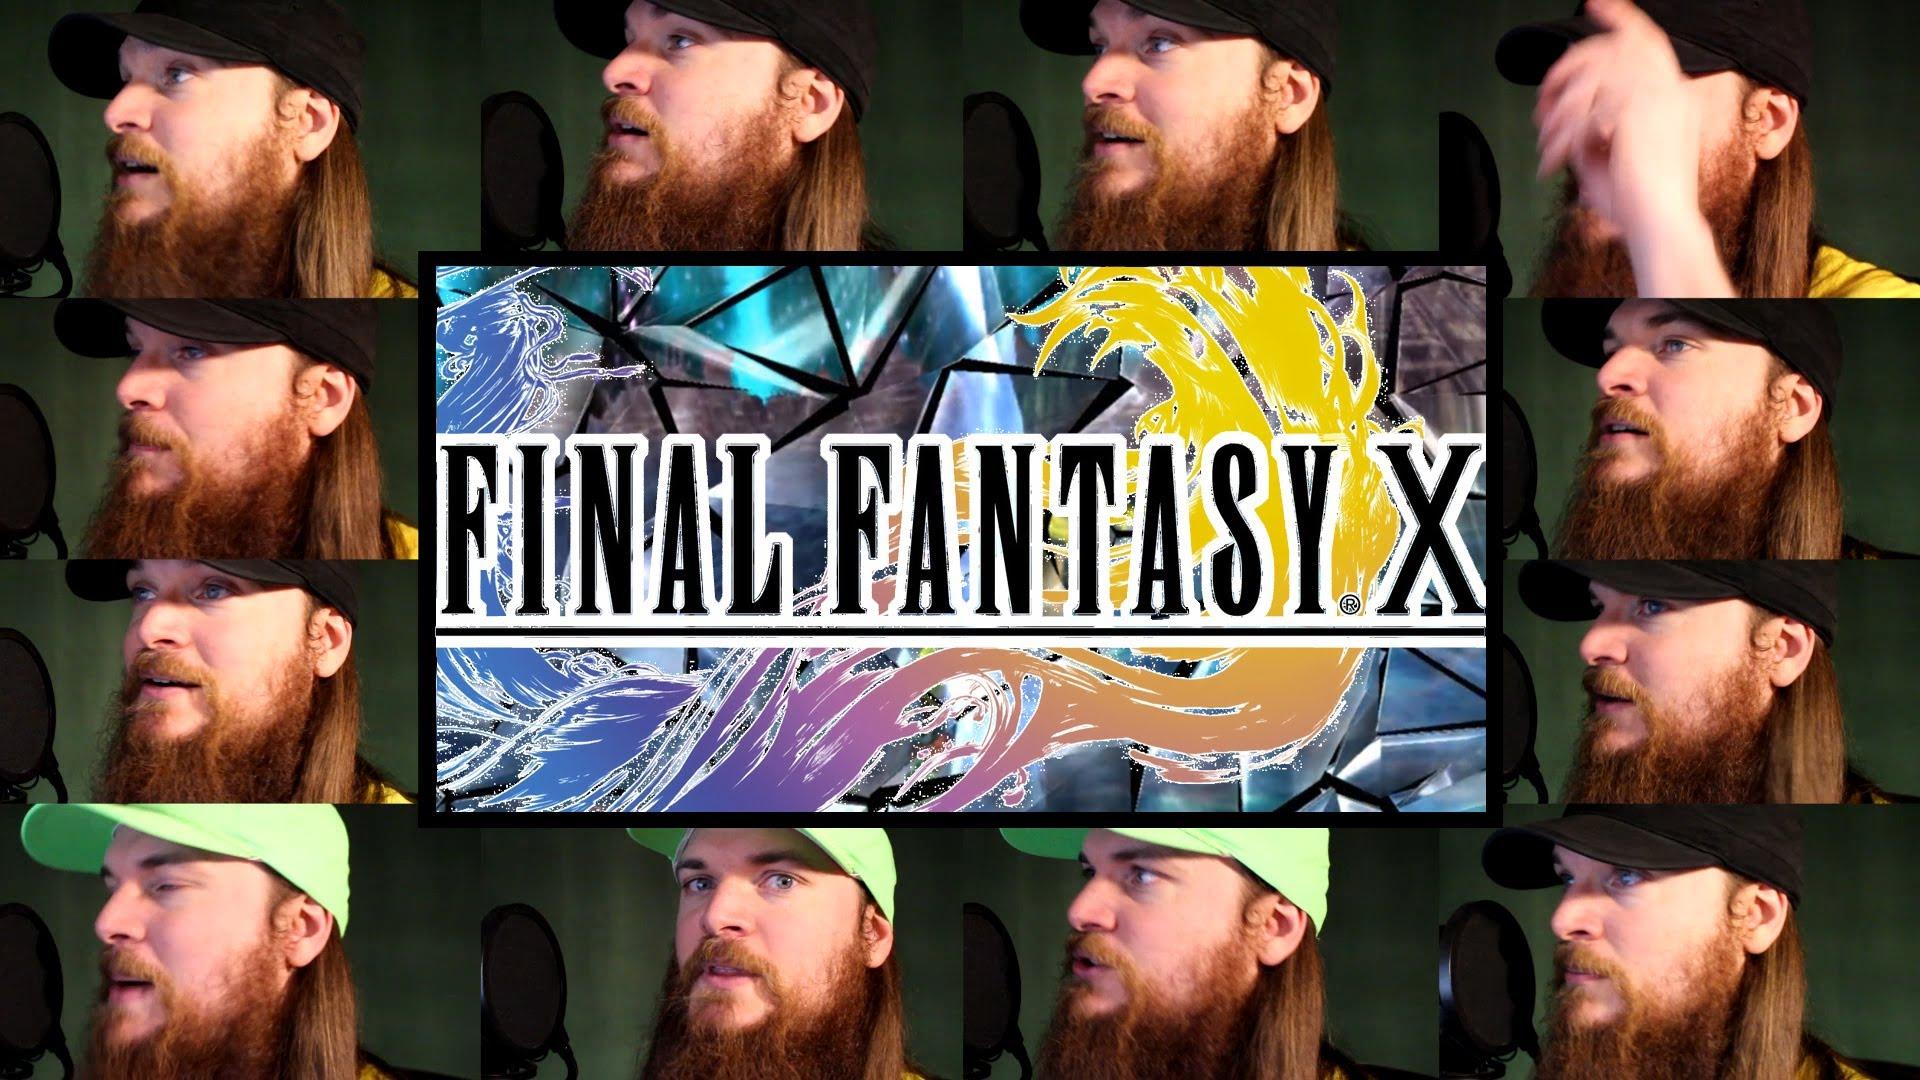 【神技動画】ファイナルファンタジー10の戦闘曲をアカペラで再現!